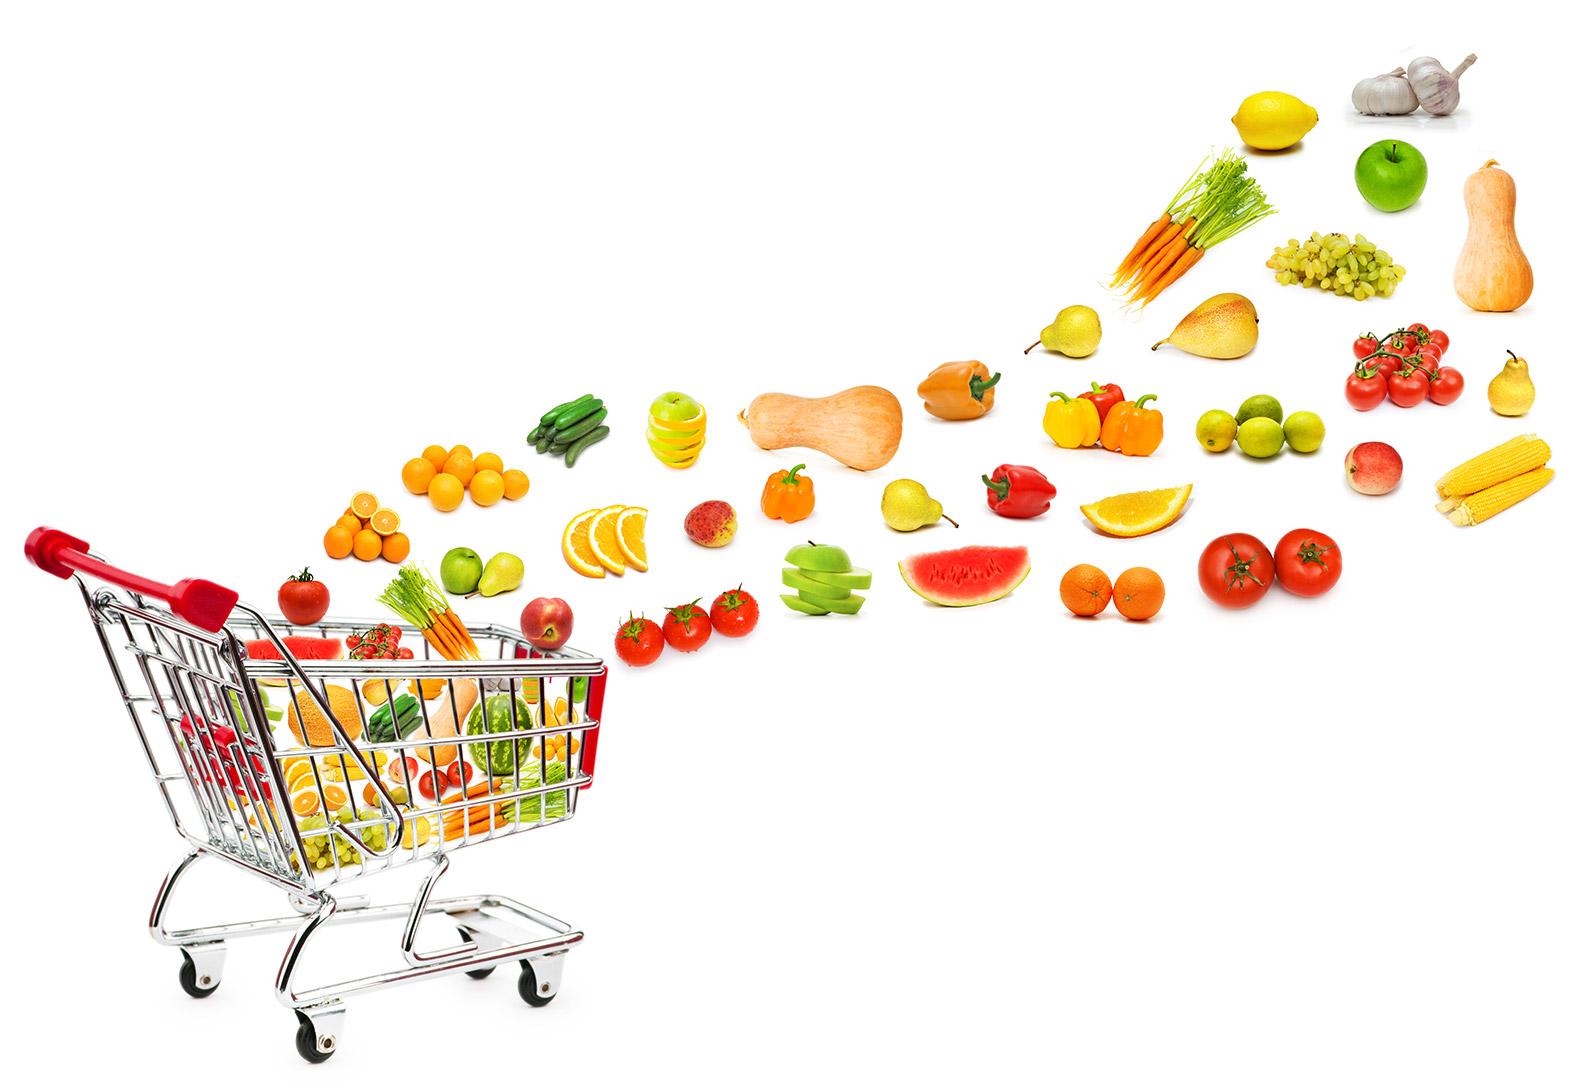 Einkaufskorb mit Gemüse und Früchten